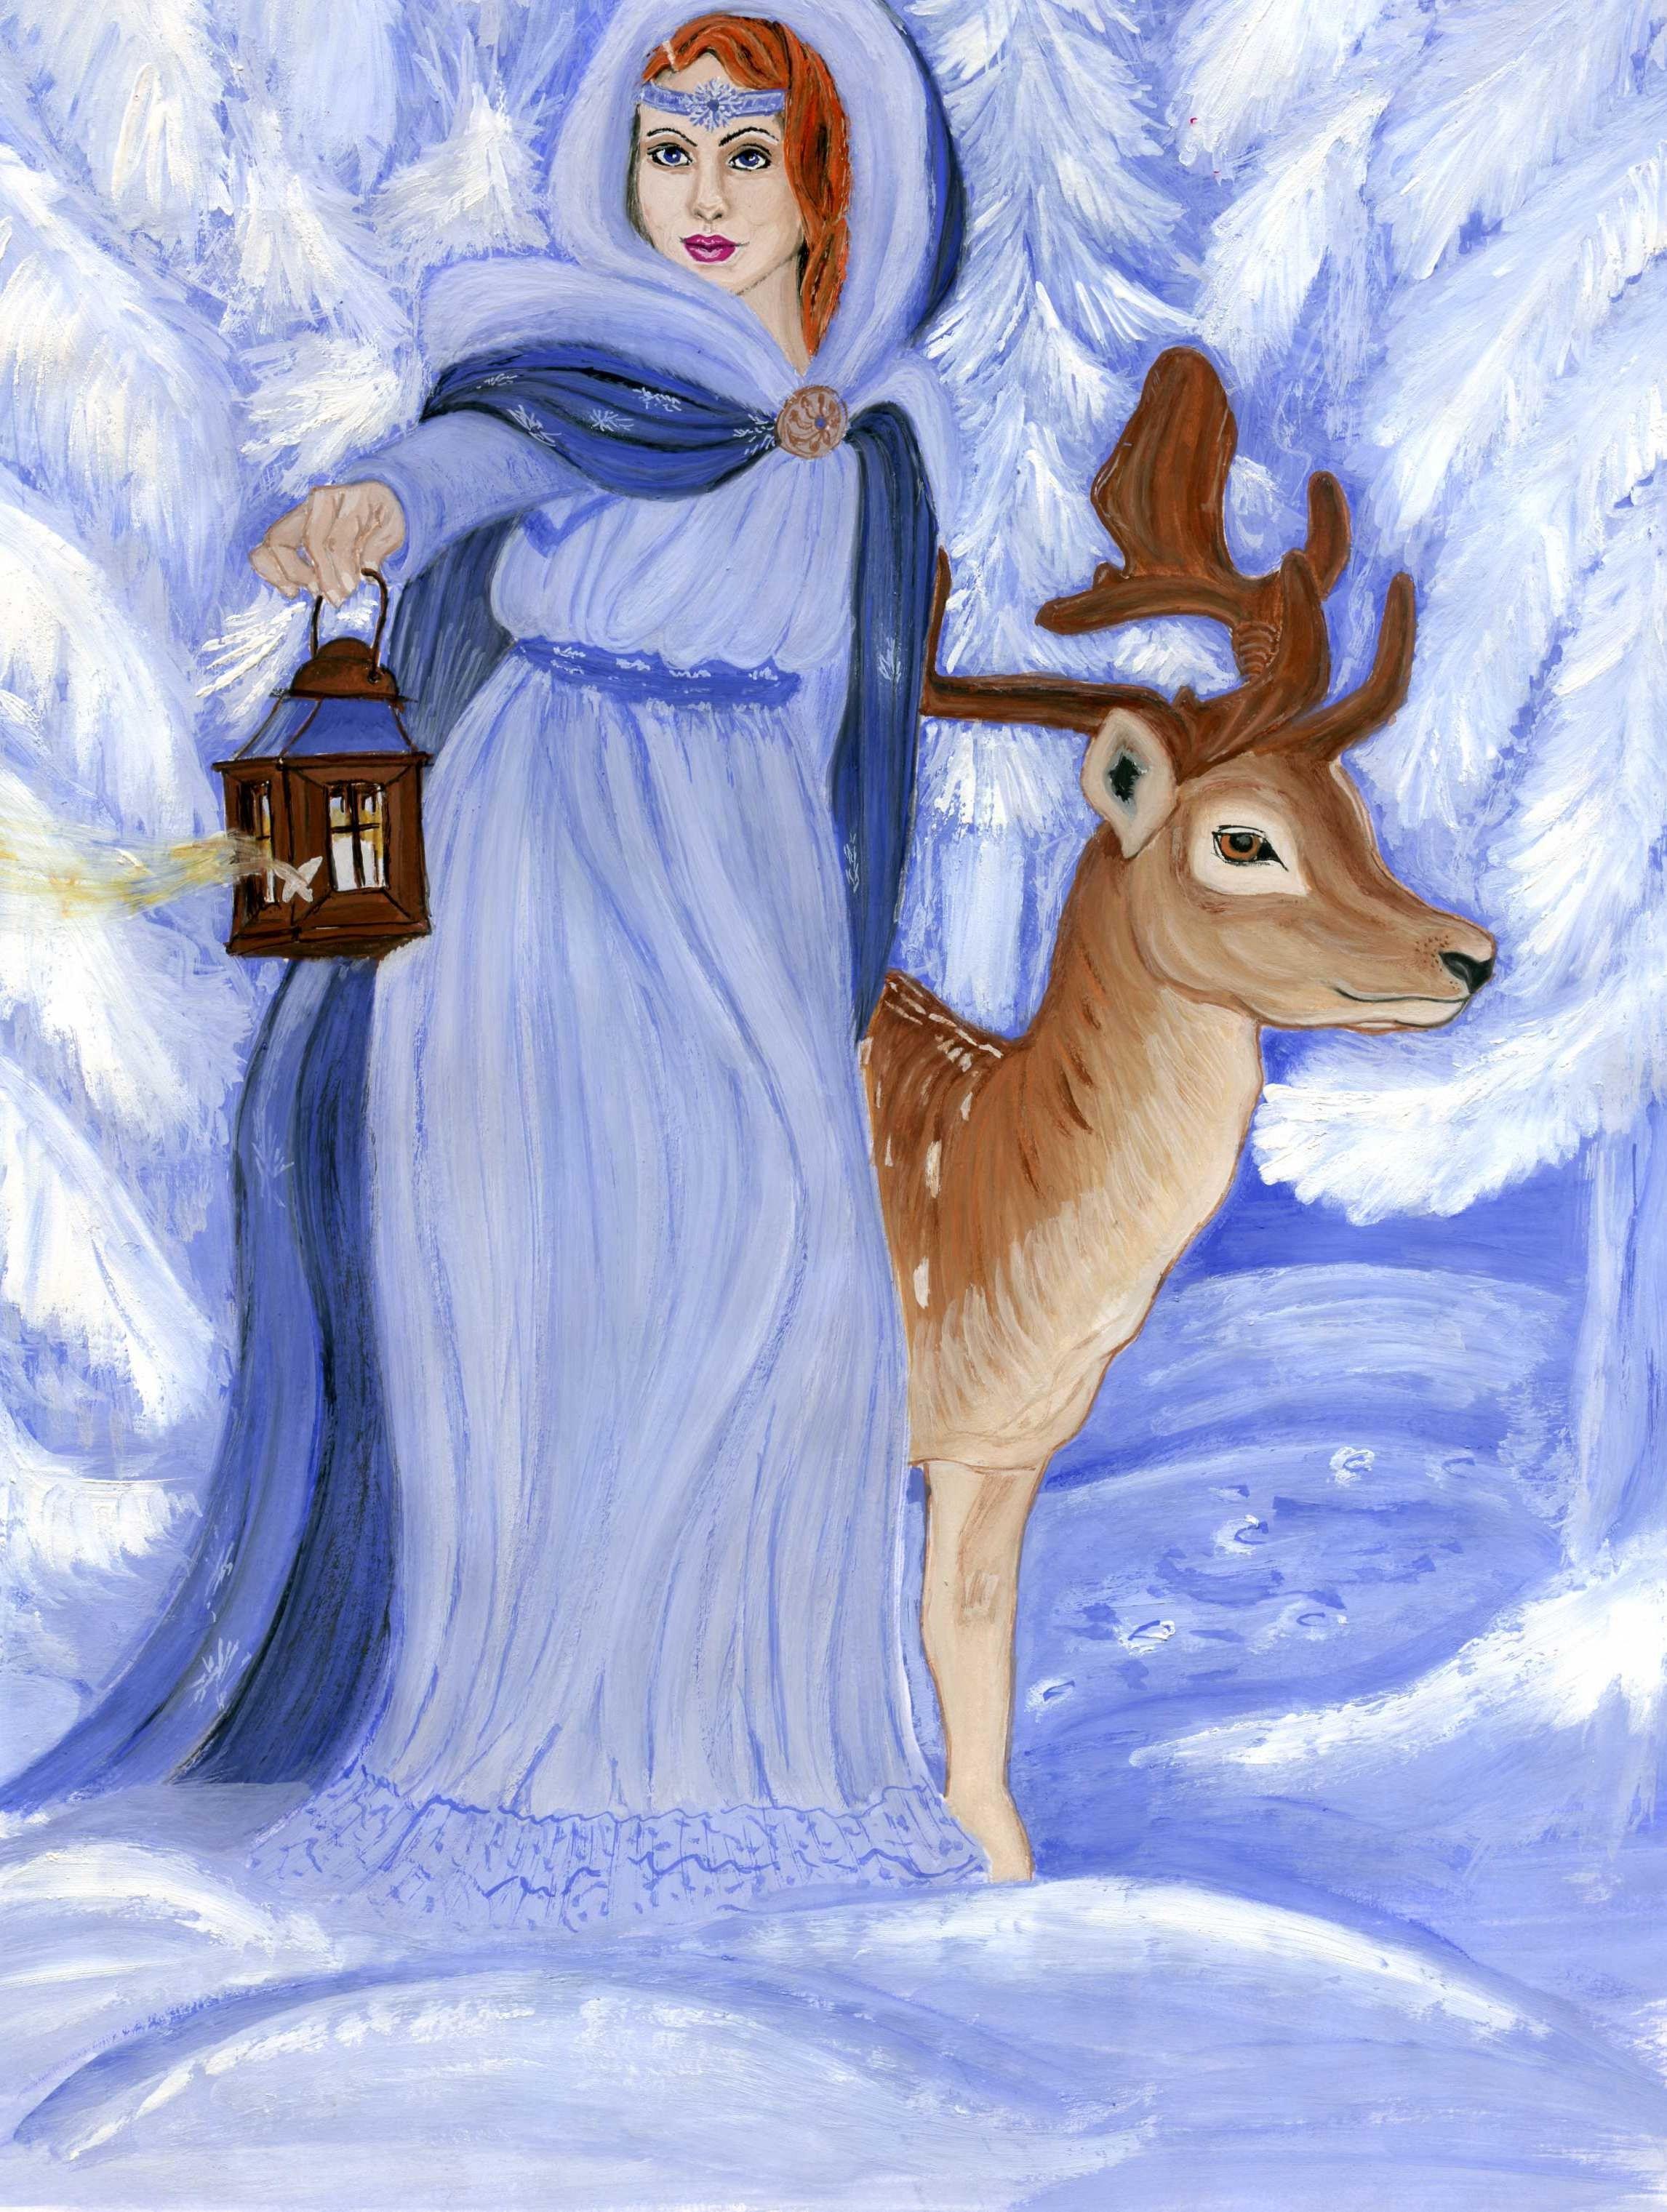 Зимние сказки картинки легкие